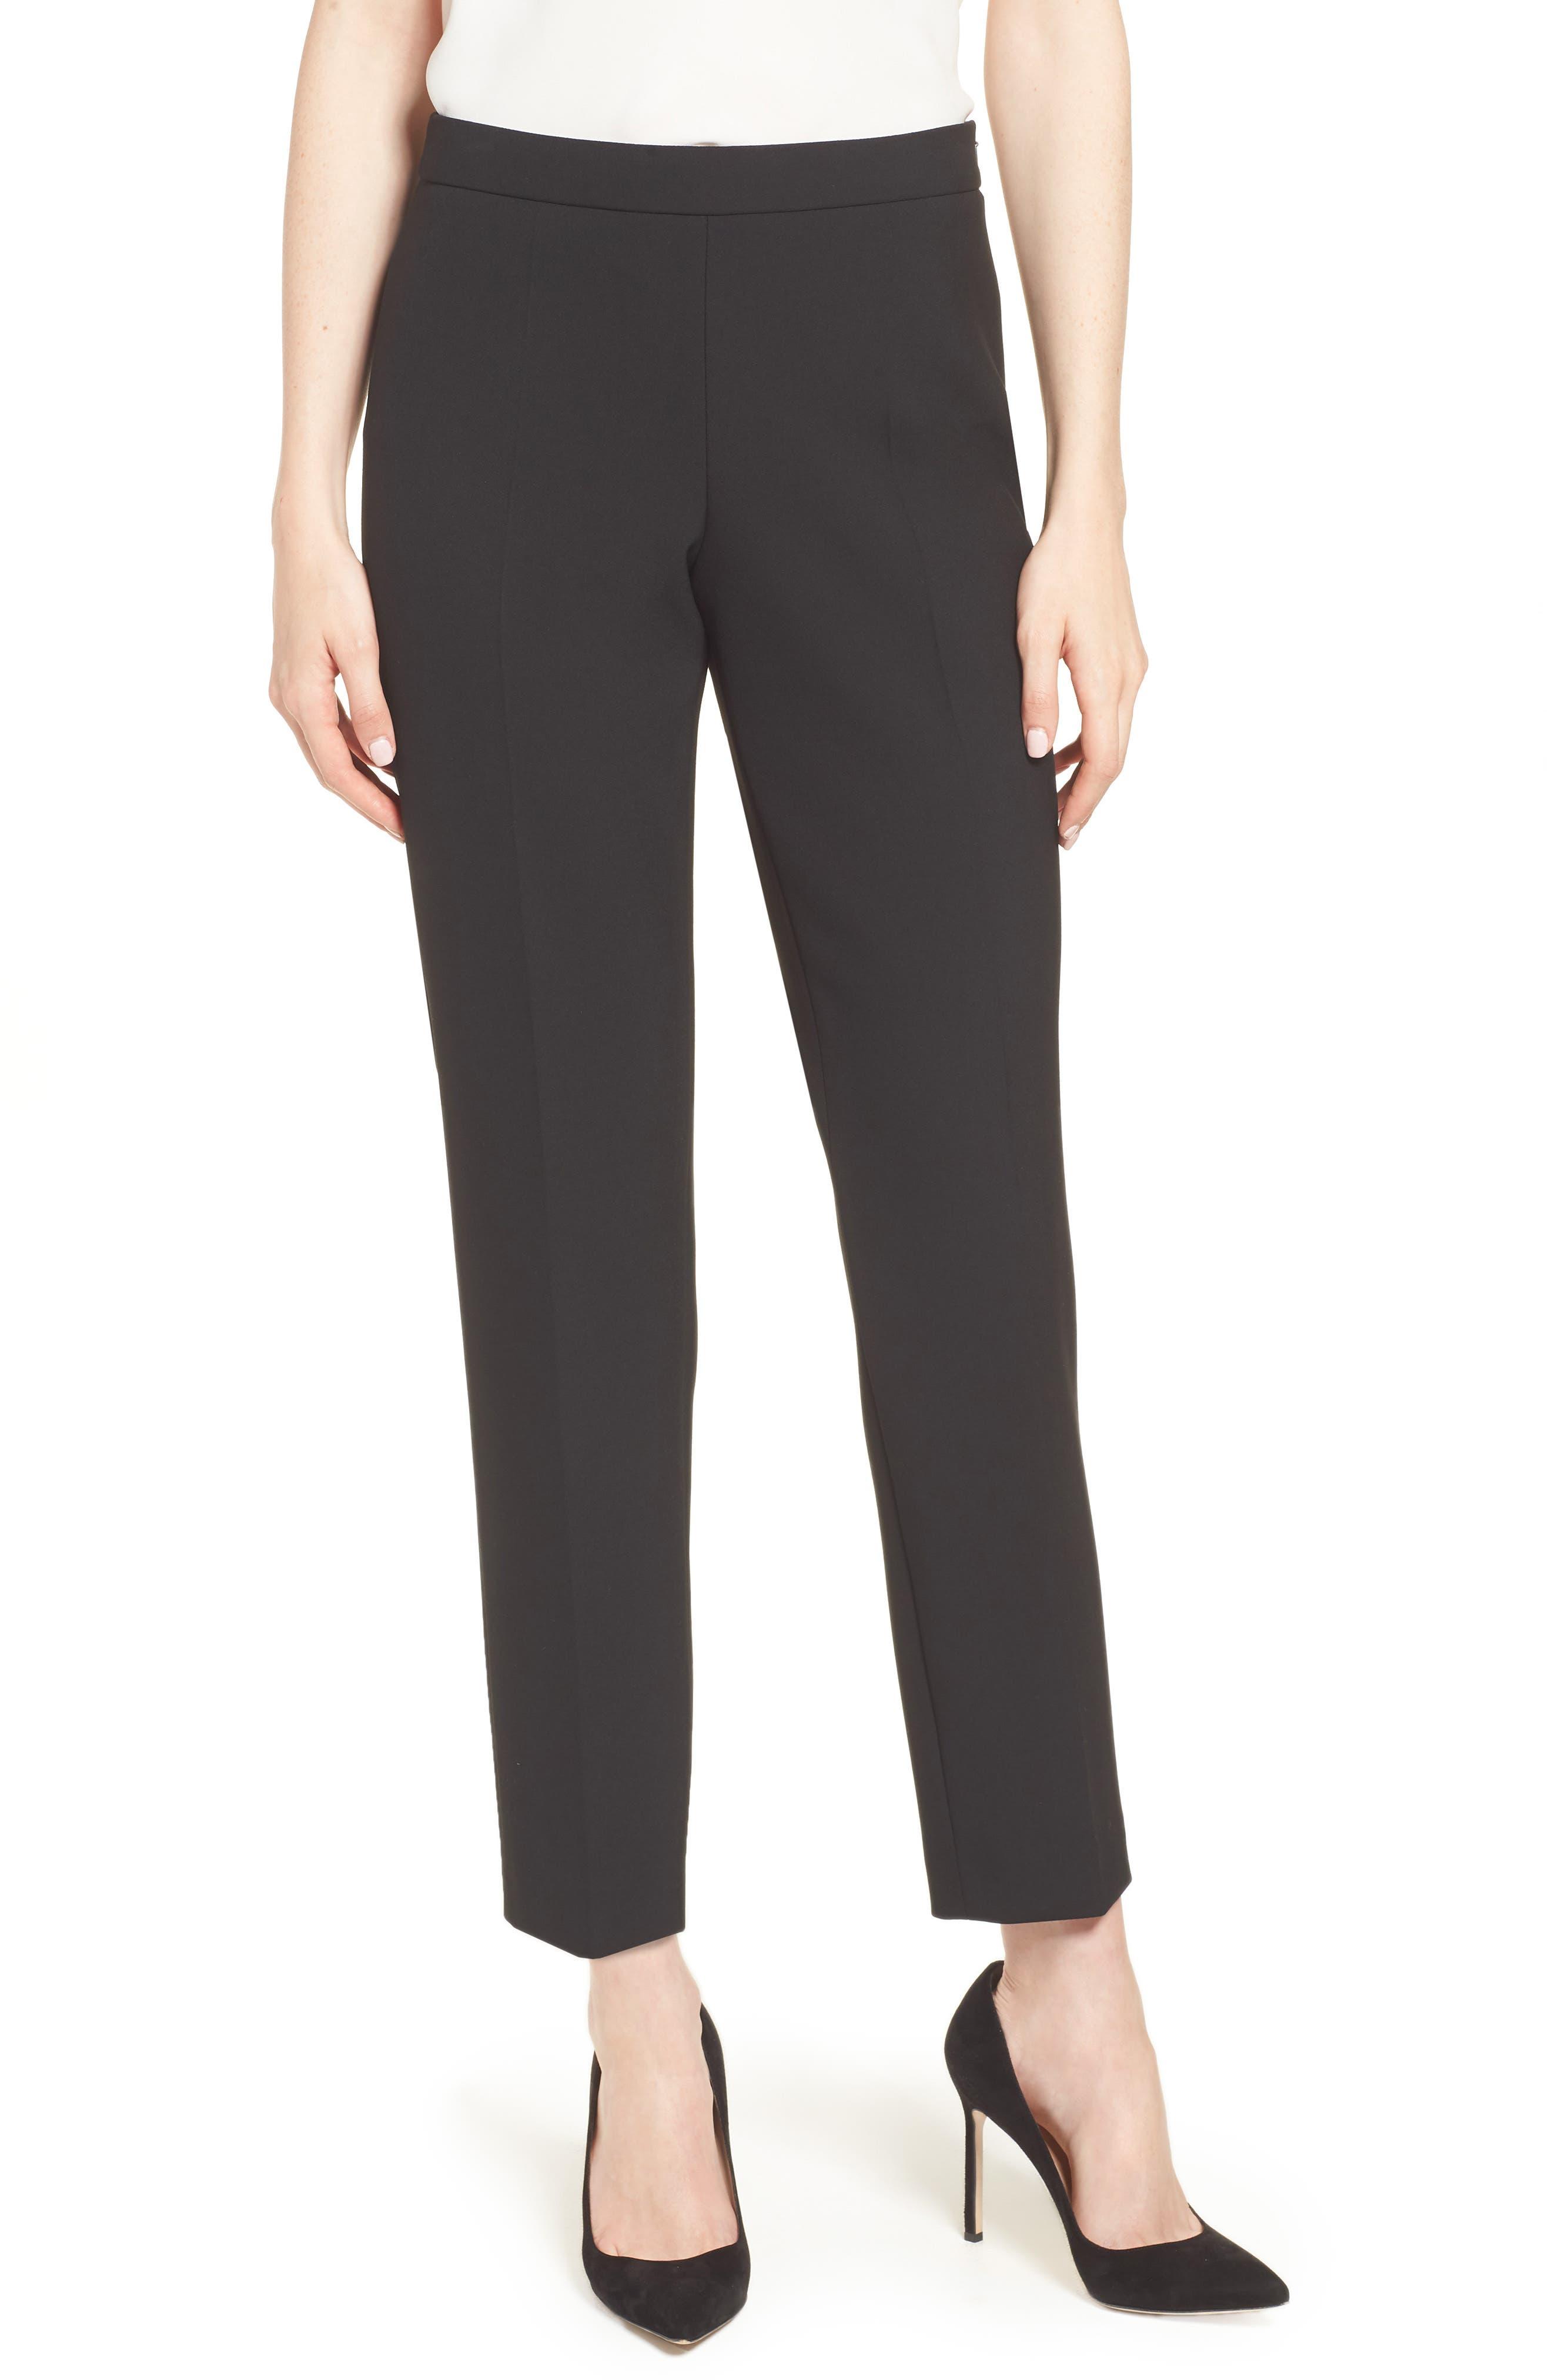 Tiluna Side Zip Ponte Ankle Pants,                         Main,                         color, Black